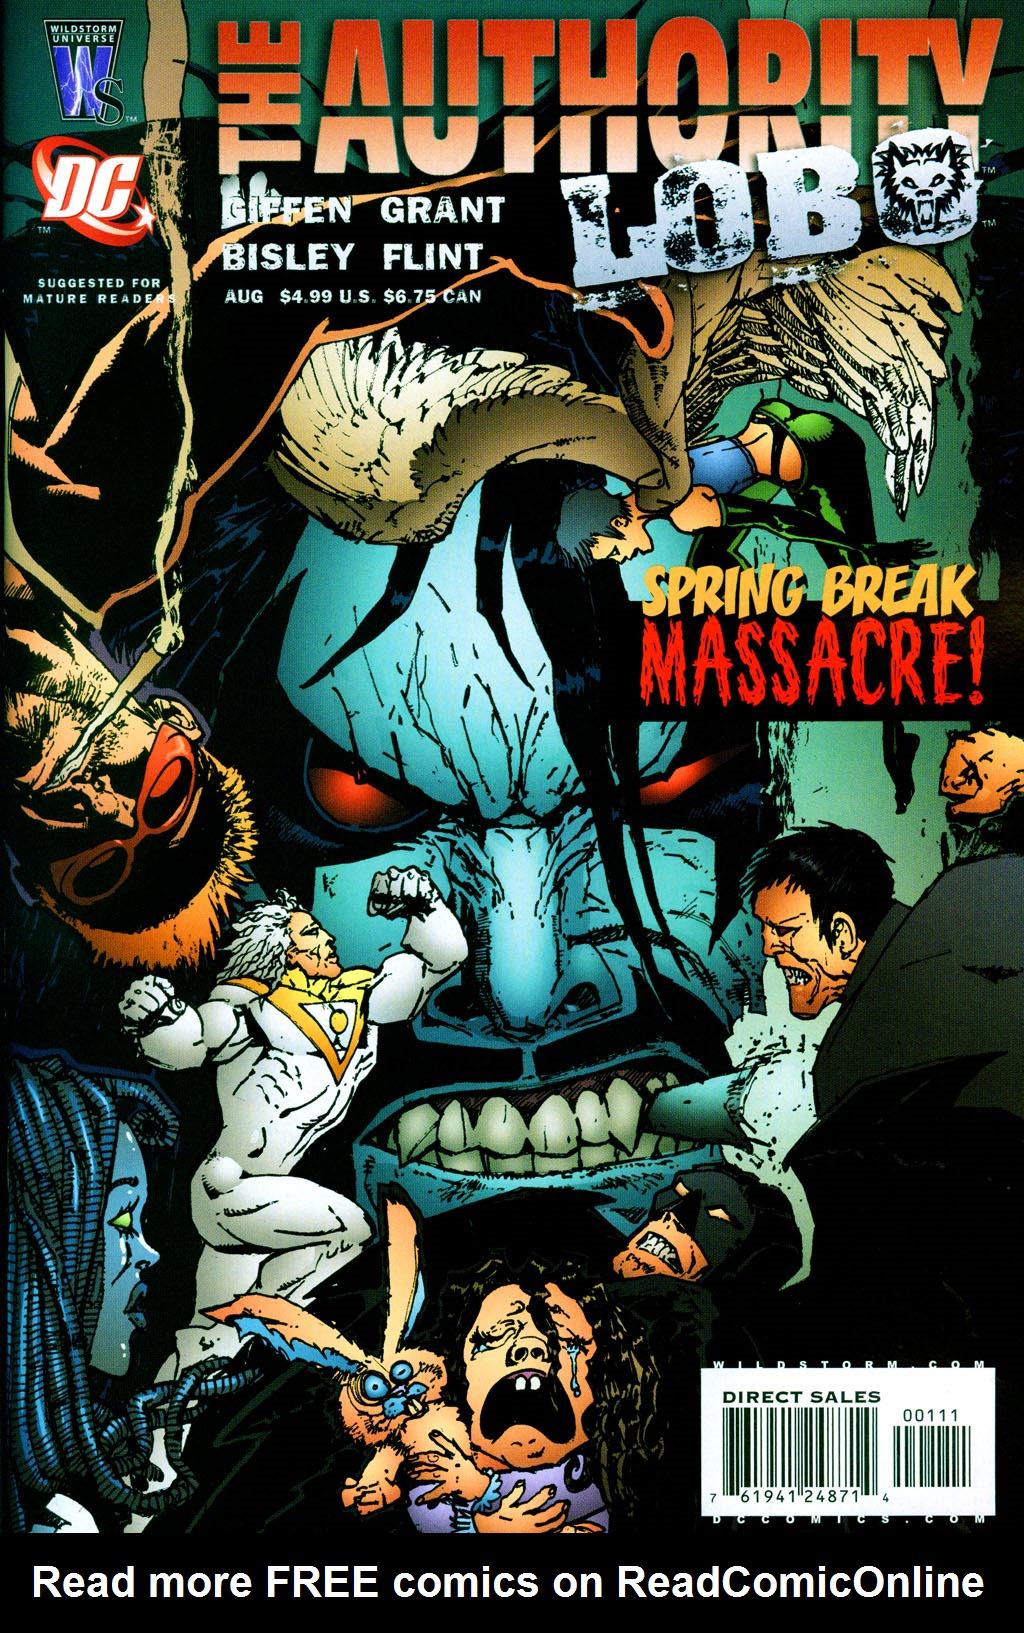 Read online The Authority/Lobo: Spring Break Massacre comic -  Issue # Full - 1